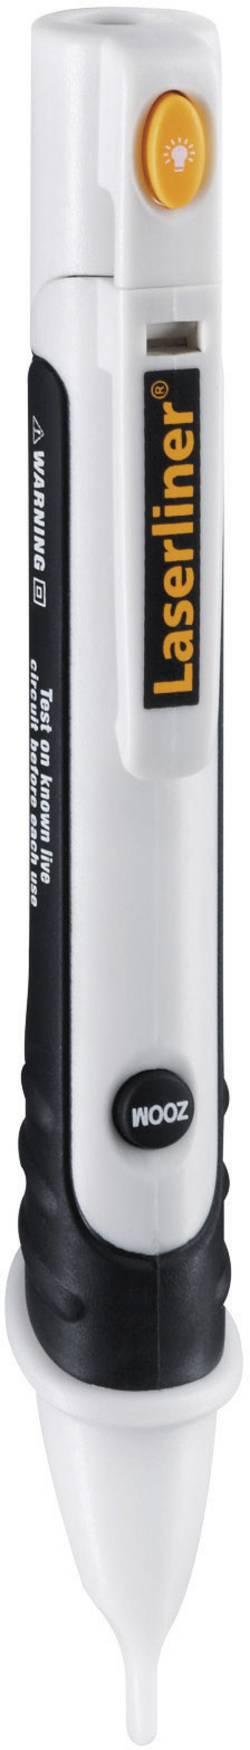 Laserliner AC-tiveFinder Multi-testeur